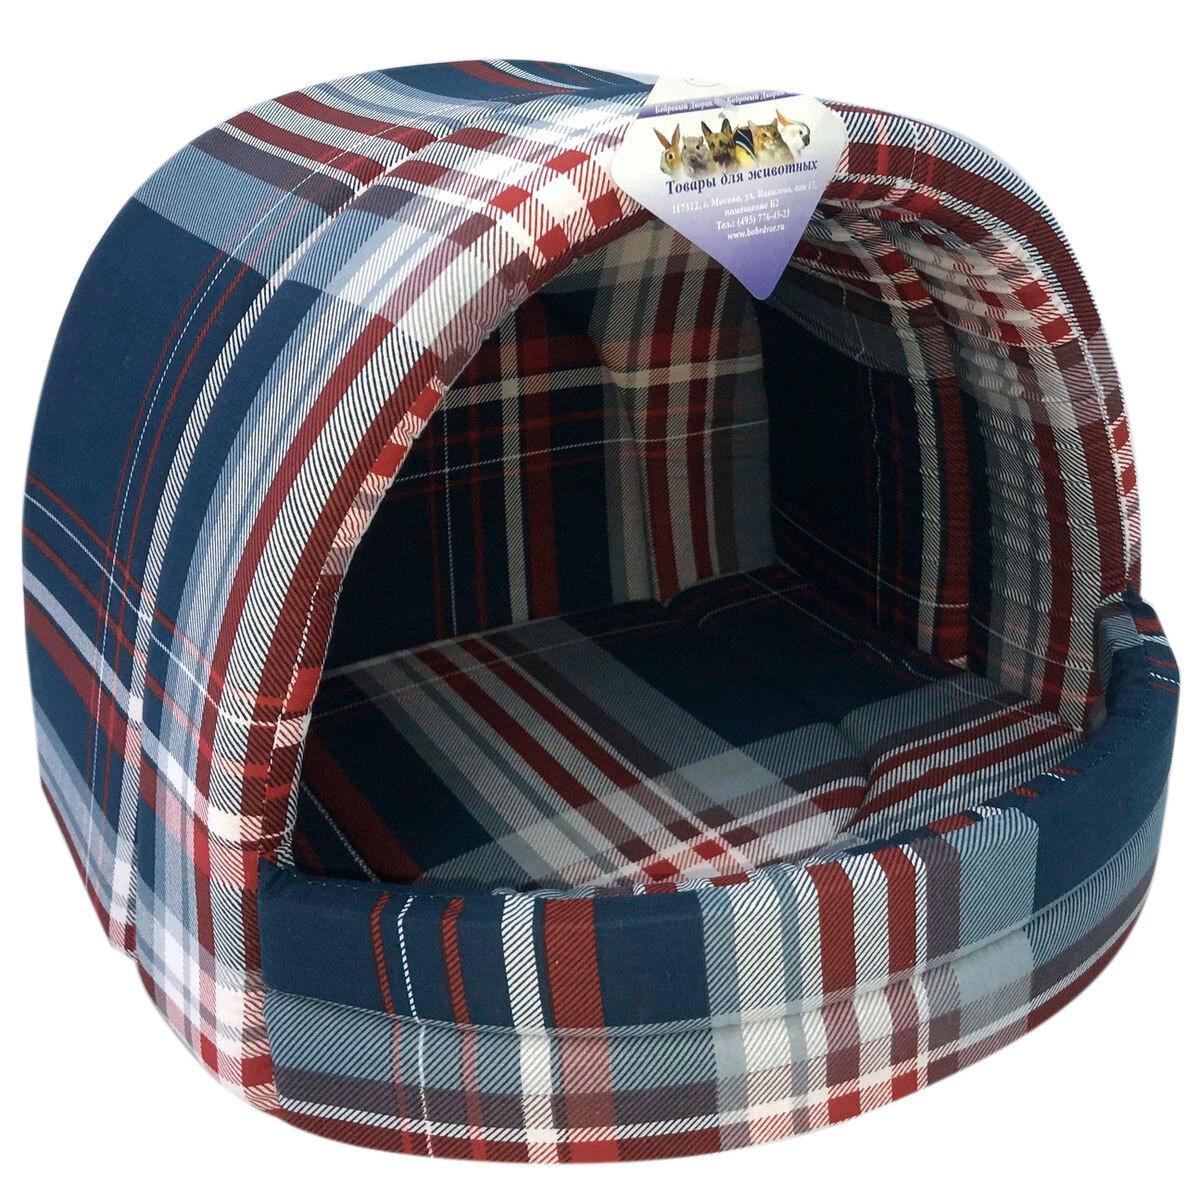 Мягкий домик Лежанка для собак эстрада № 2 шотландка синяя 44 х 40 х 36 см  #1